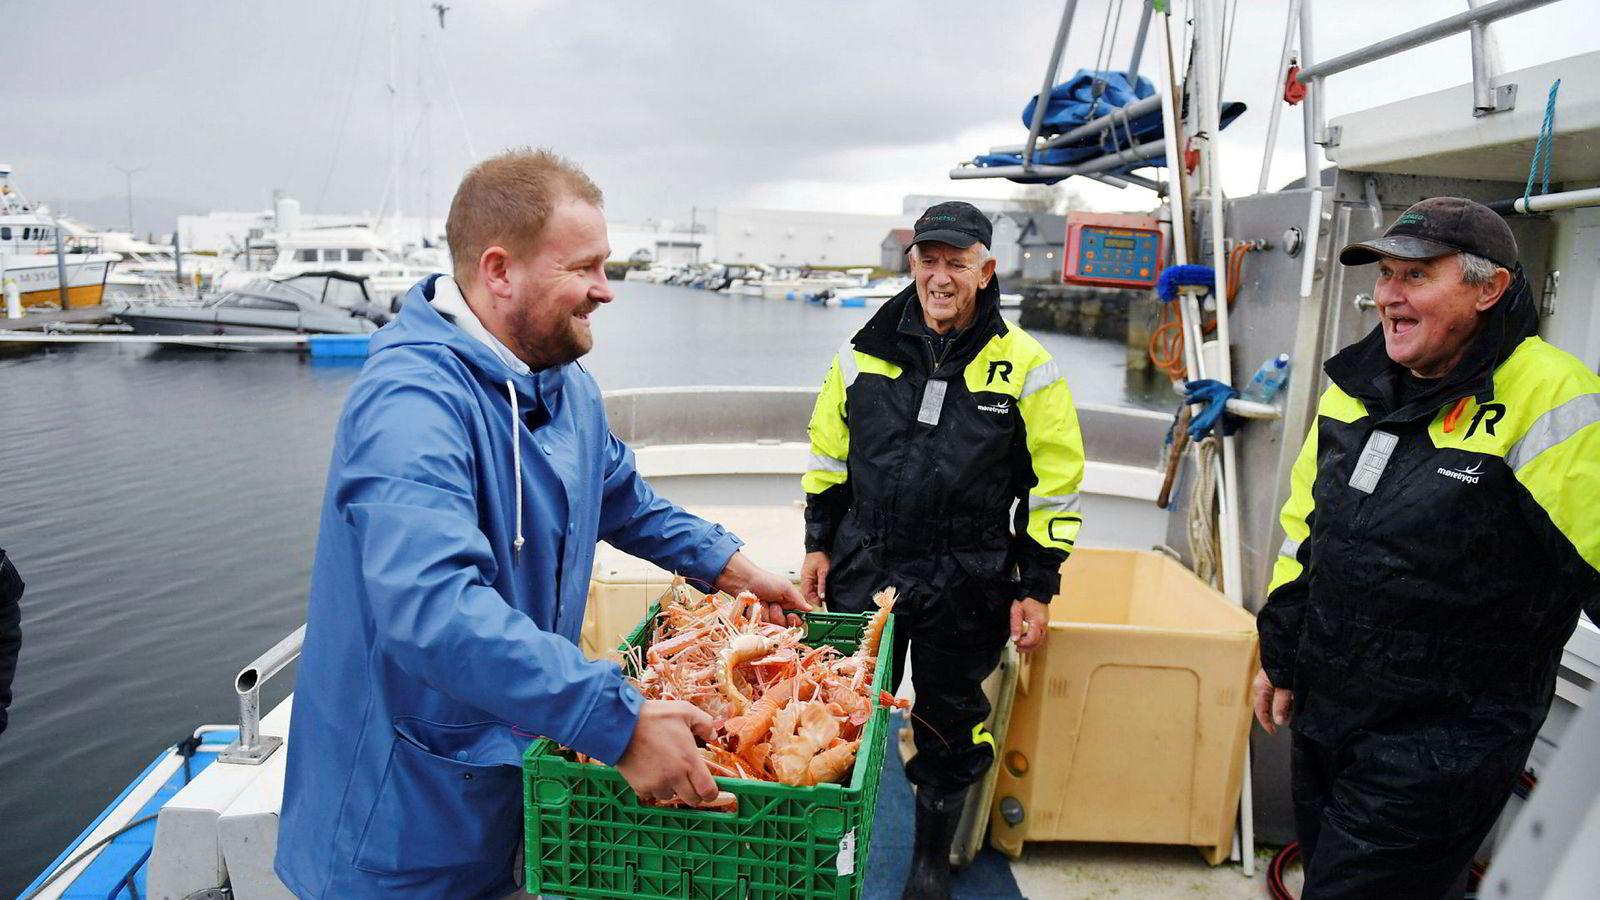 Ålesund-firmaet Sjømatkompaniet henter nyfisket levende kreps rett fra en fiskebåt i Gjøsund på en øy like utenfor Ålesund. Her tar Tore Hovland imot fangsten med Jostein Sæther og Svein Giskeødegård i fiskebåten ved Gjøsund havn på Valderøya.